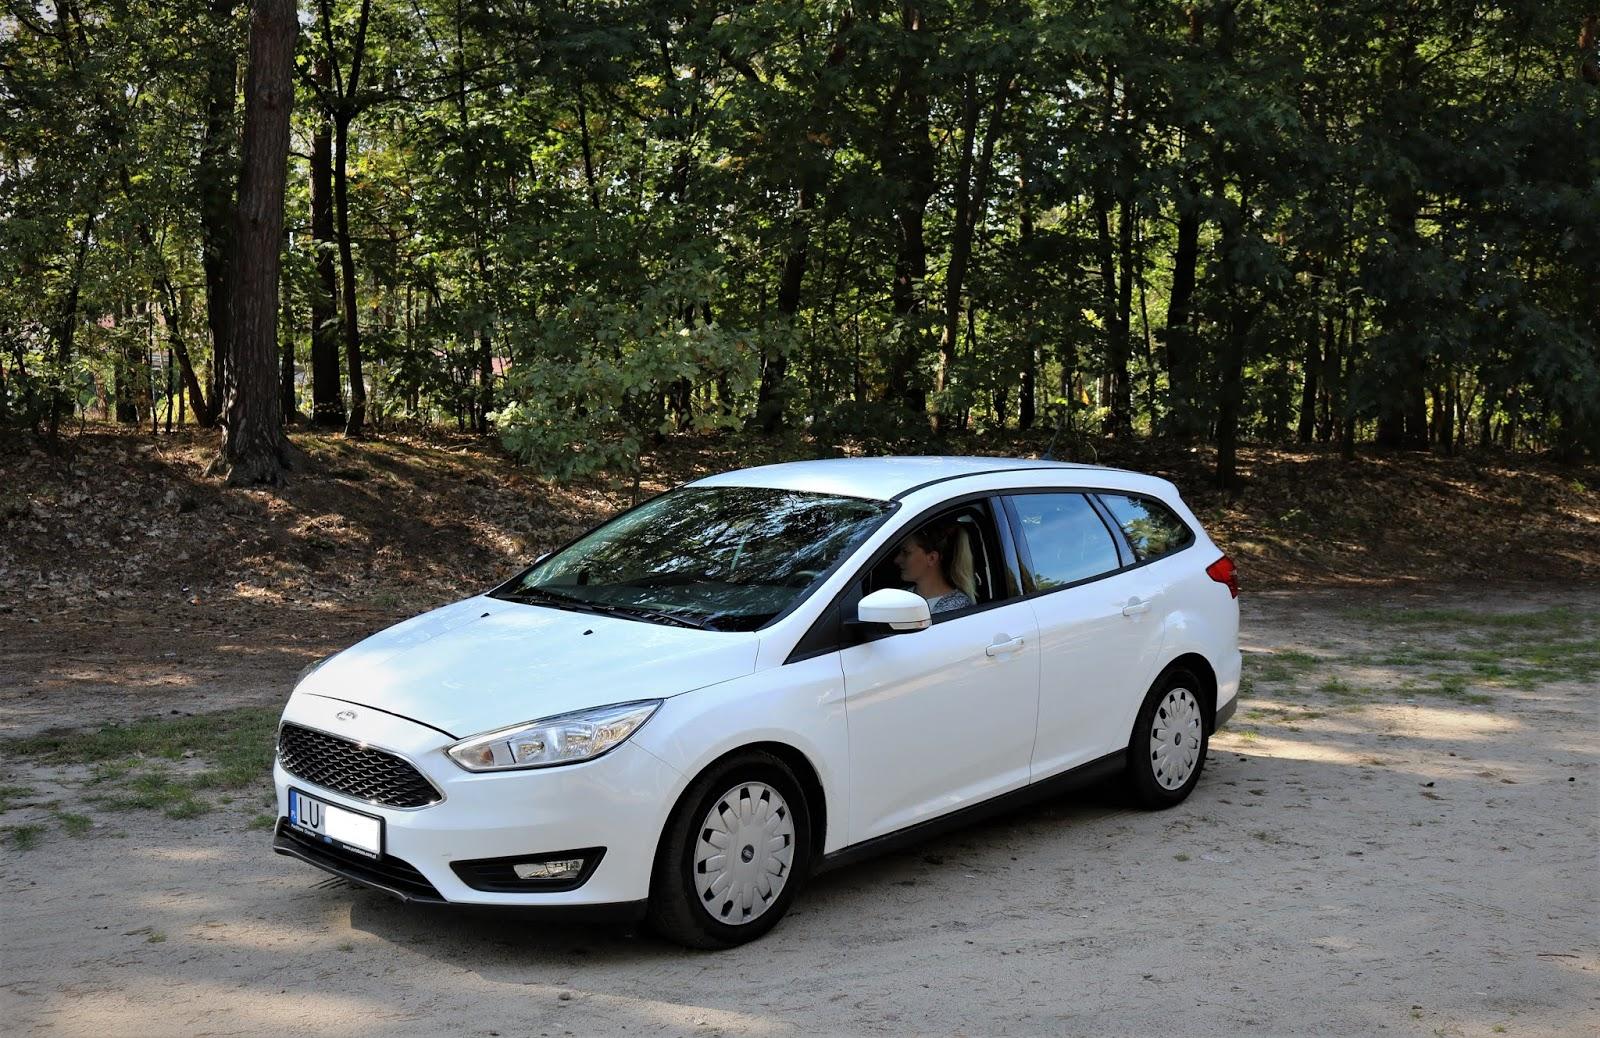 samochód dla rodziny 2+2 ford